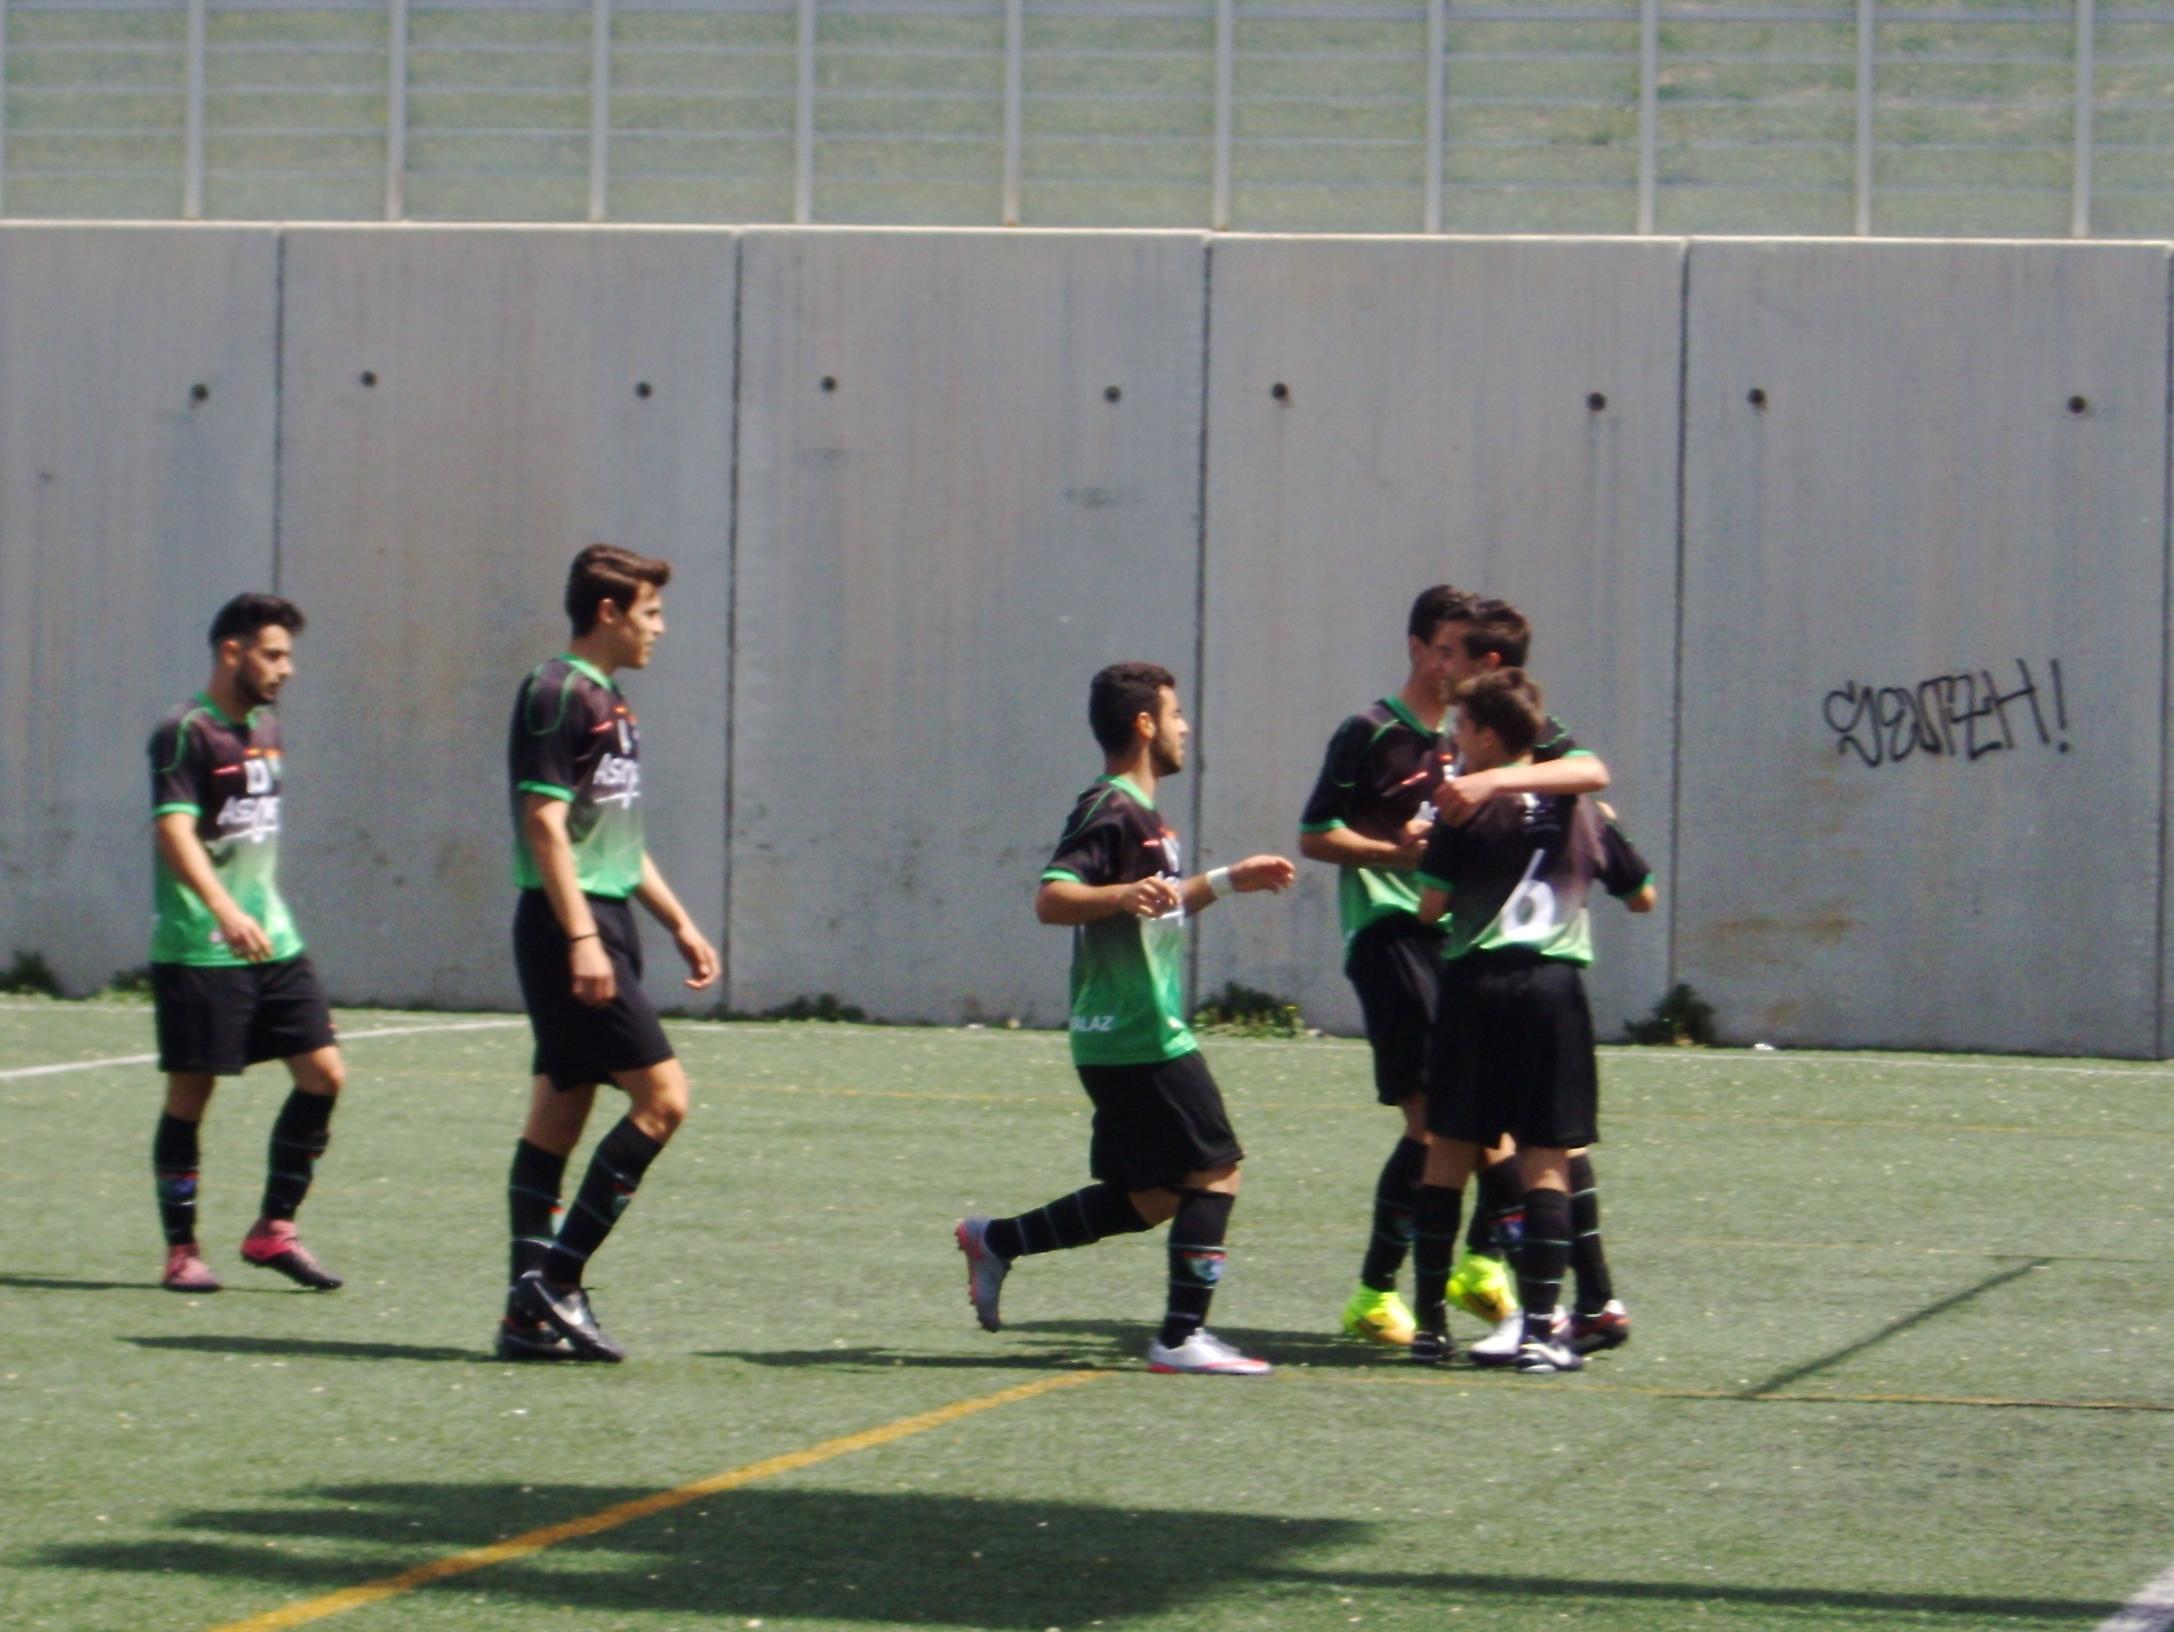 Crónica y fotos del partido de liga Parque Sureste 1 – 4 EDM Juvenil D